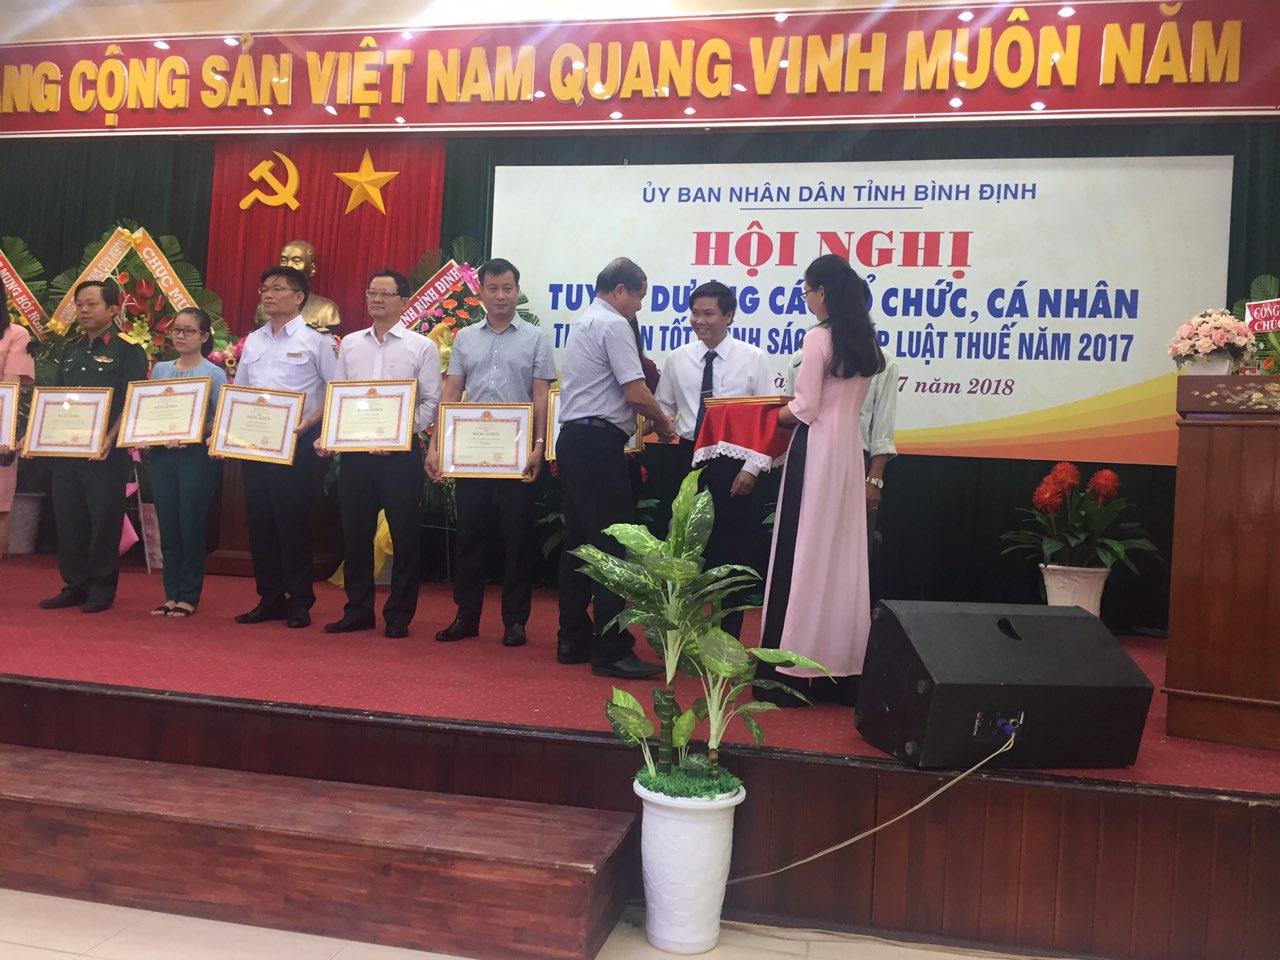 Ông Lê Trường Sơn – Phó Chủ tịch HĐQT Công ty CPXD 47 (đứng vị trí thứ 2 từ phải sang) nhận bằng khen từ Phó chủ tịch tỉnh Bình Định Phan Cao Thắng.